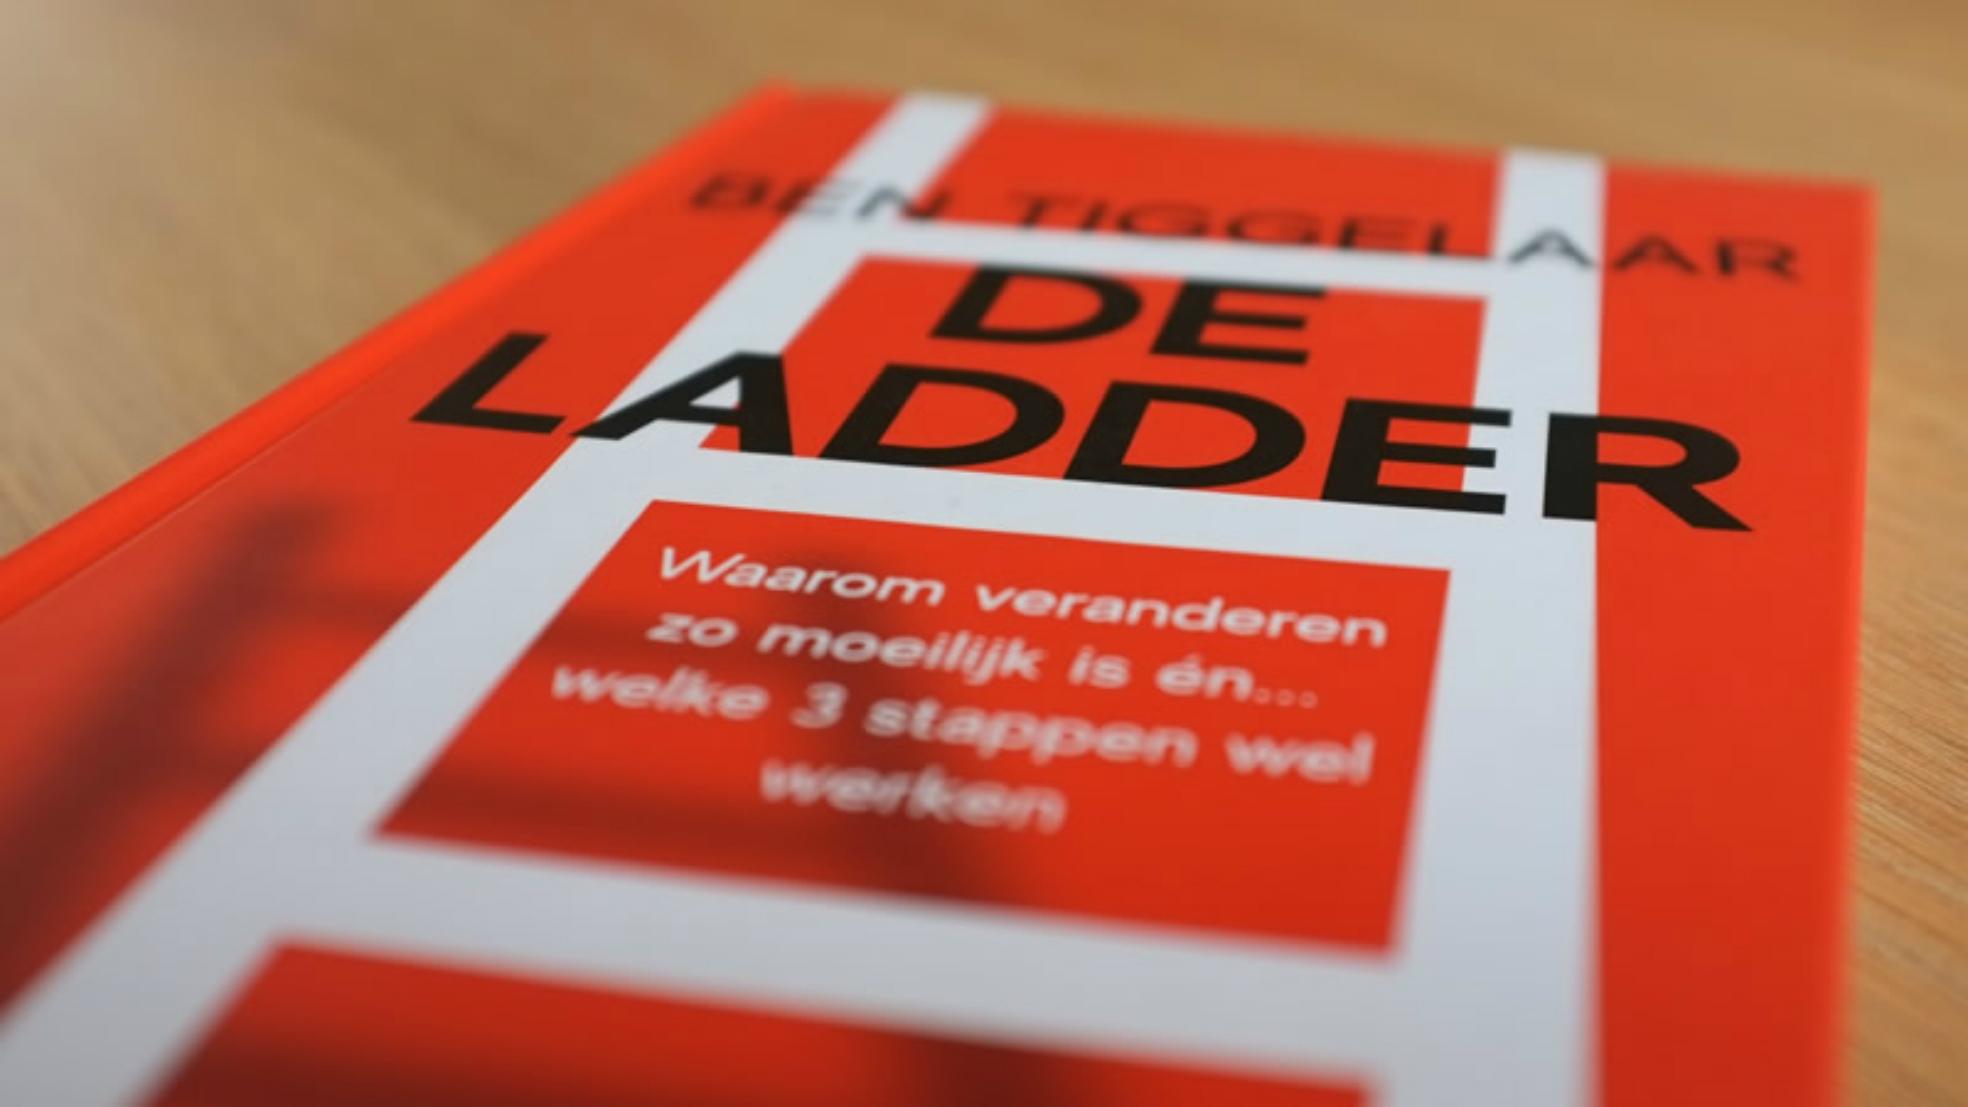 Boek De Ladder Tiggelaar